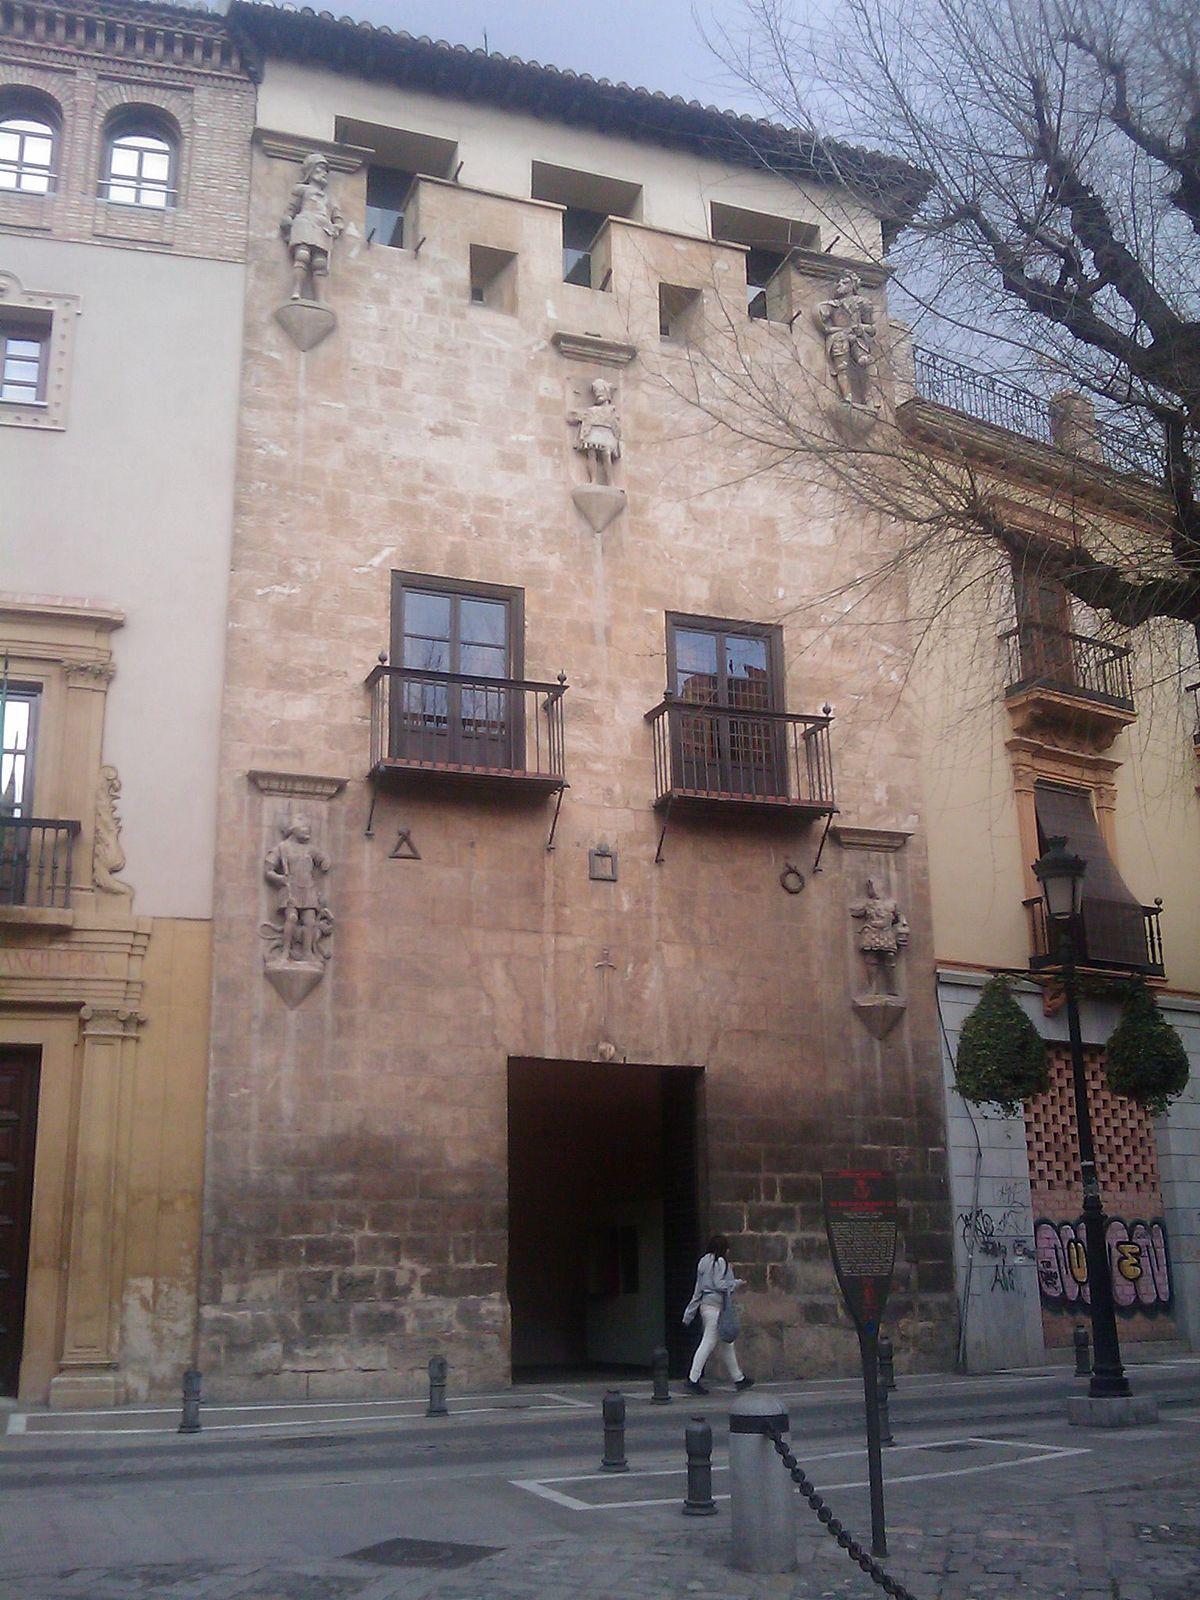 Casa de los tiros wikipedia la enciclopedia libre for Casa de granada